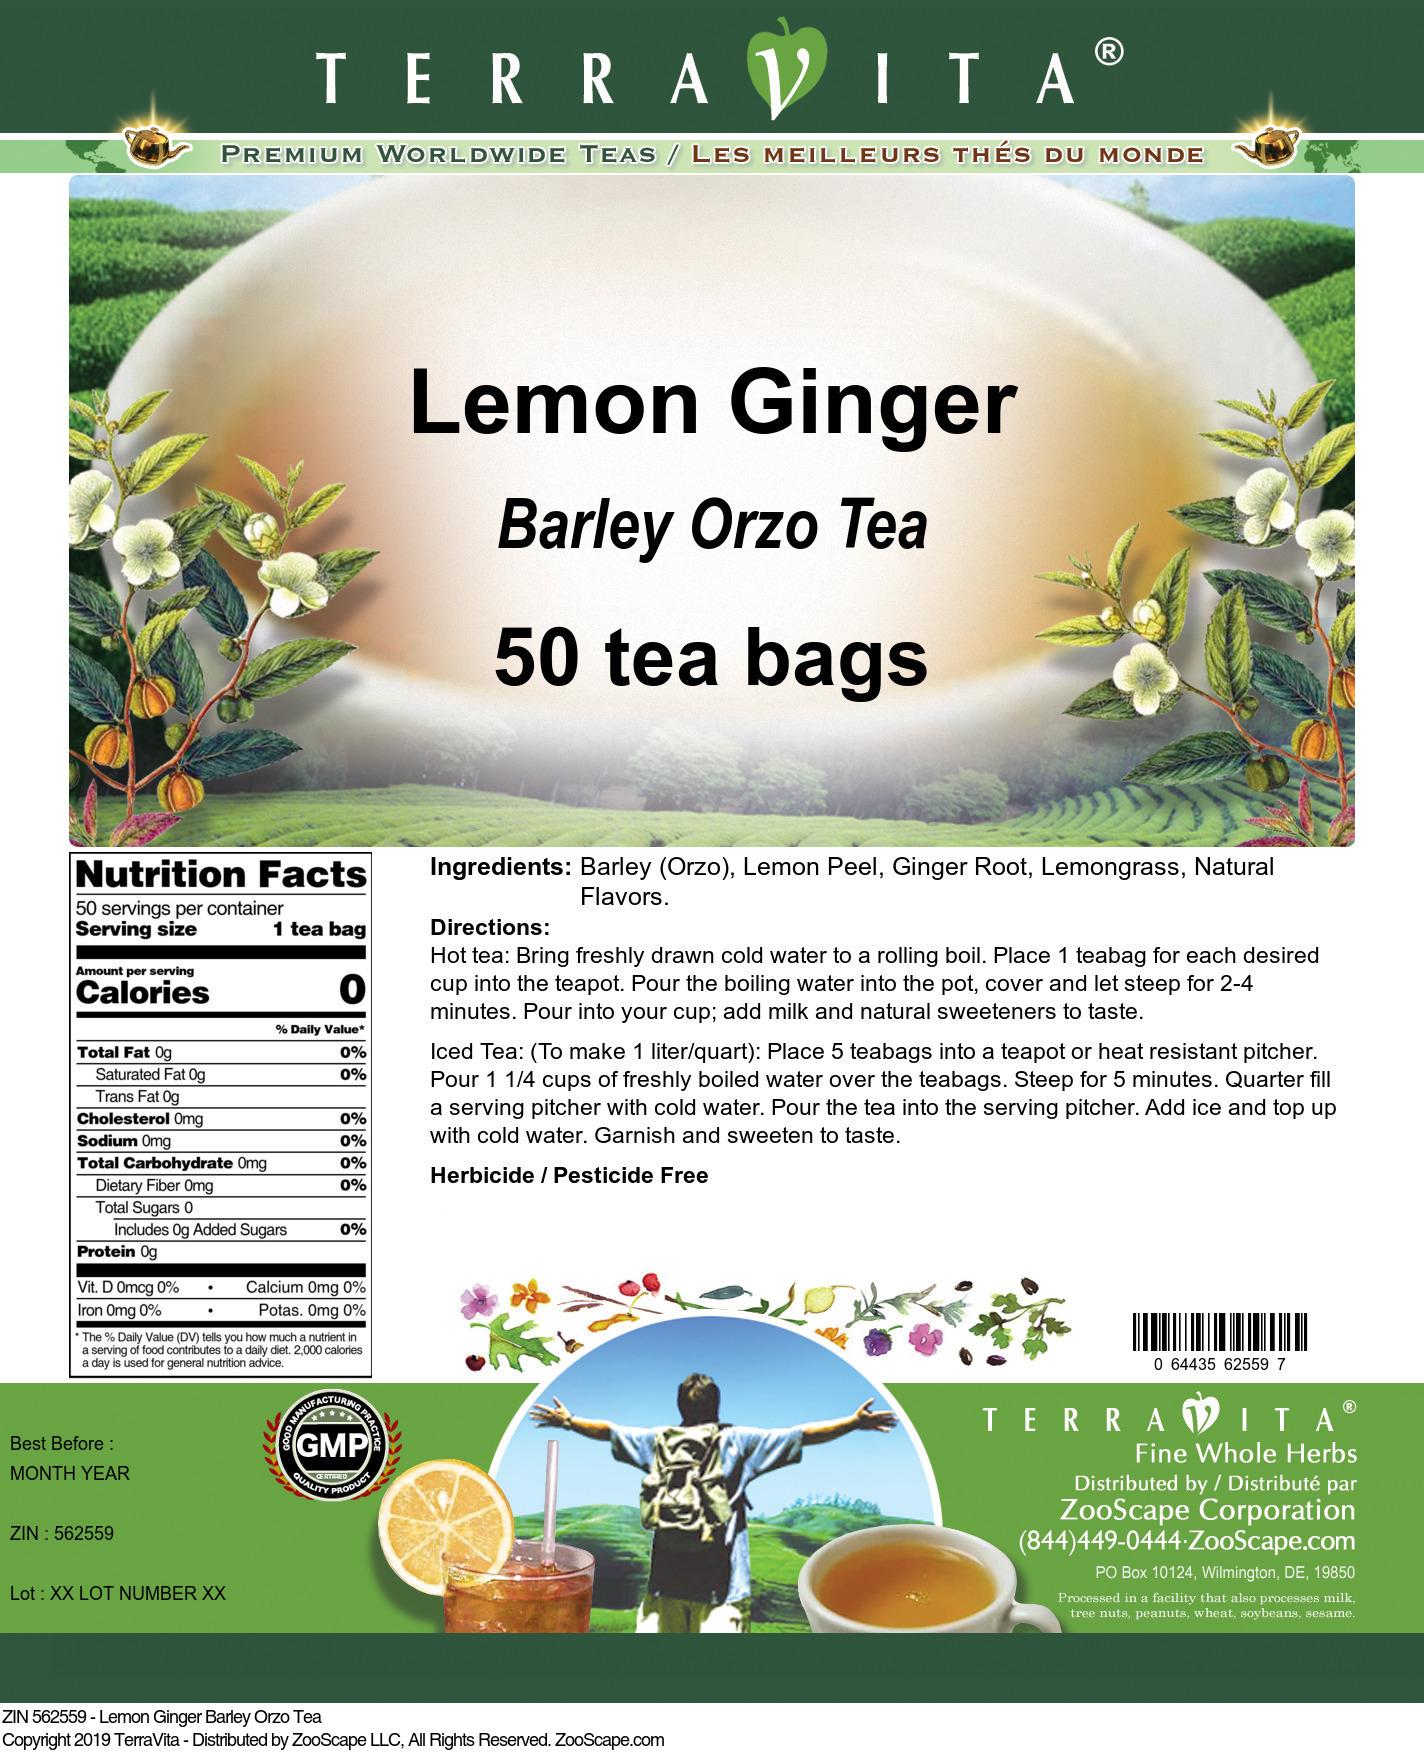 Lemon Ginger Barley Orzo Tea